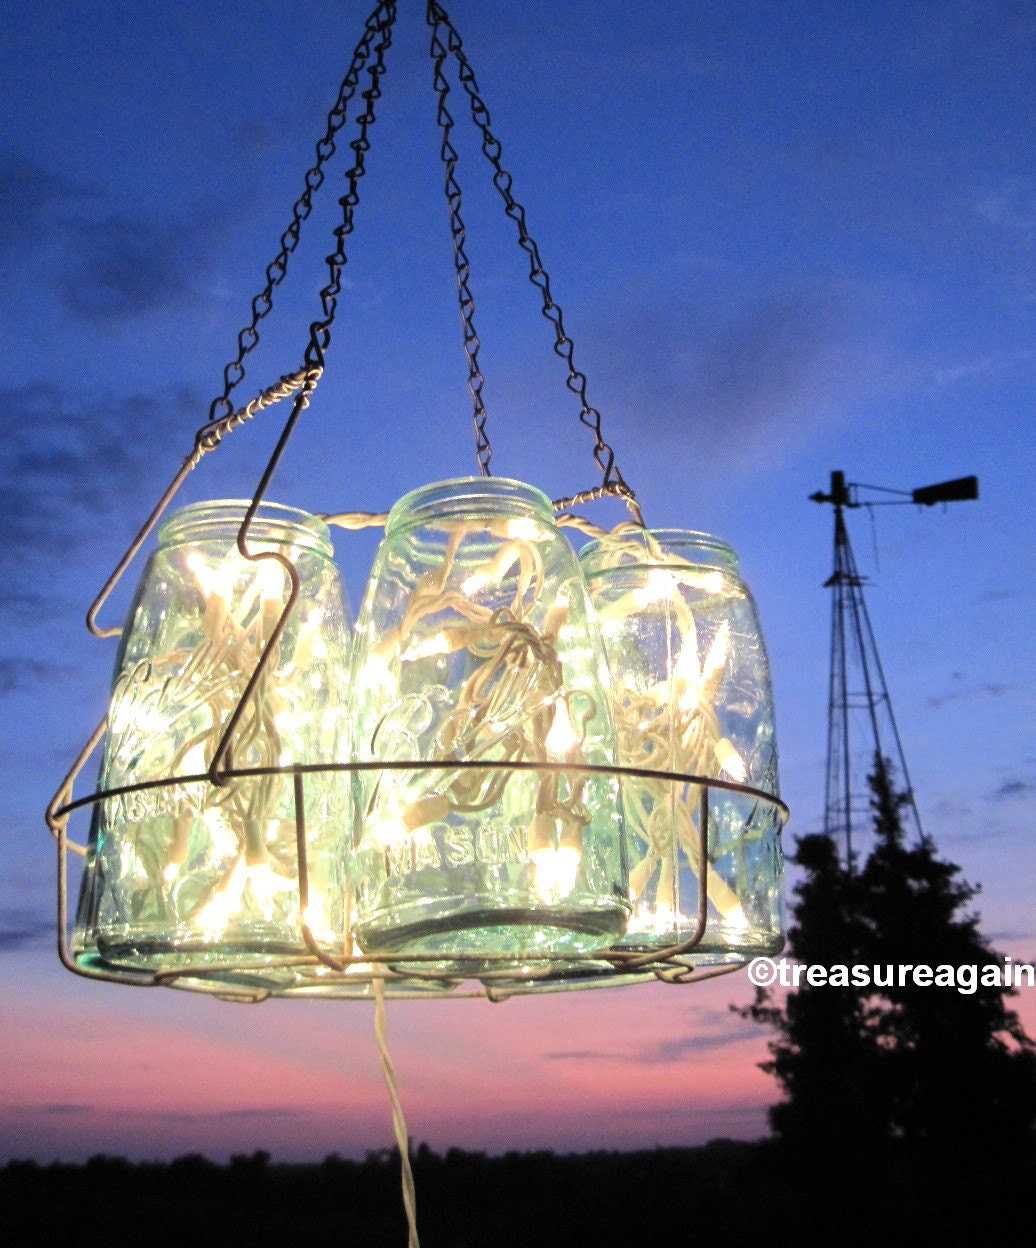 Mason Jar Lighting: Vintage Chandelier Antique Mason Jar Chandelier 6 Sloped Blue